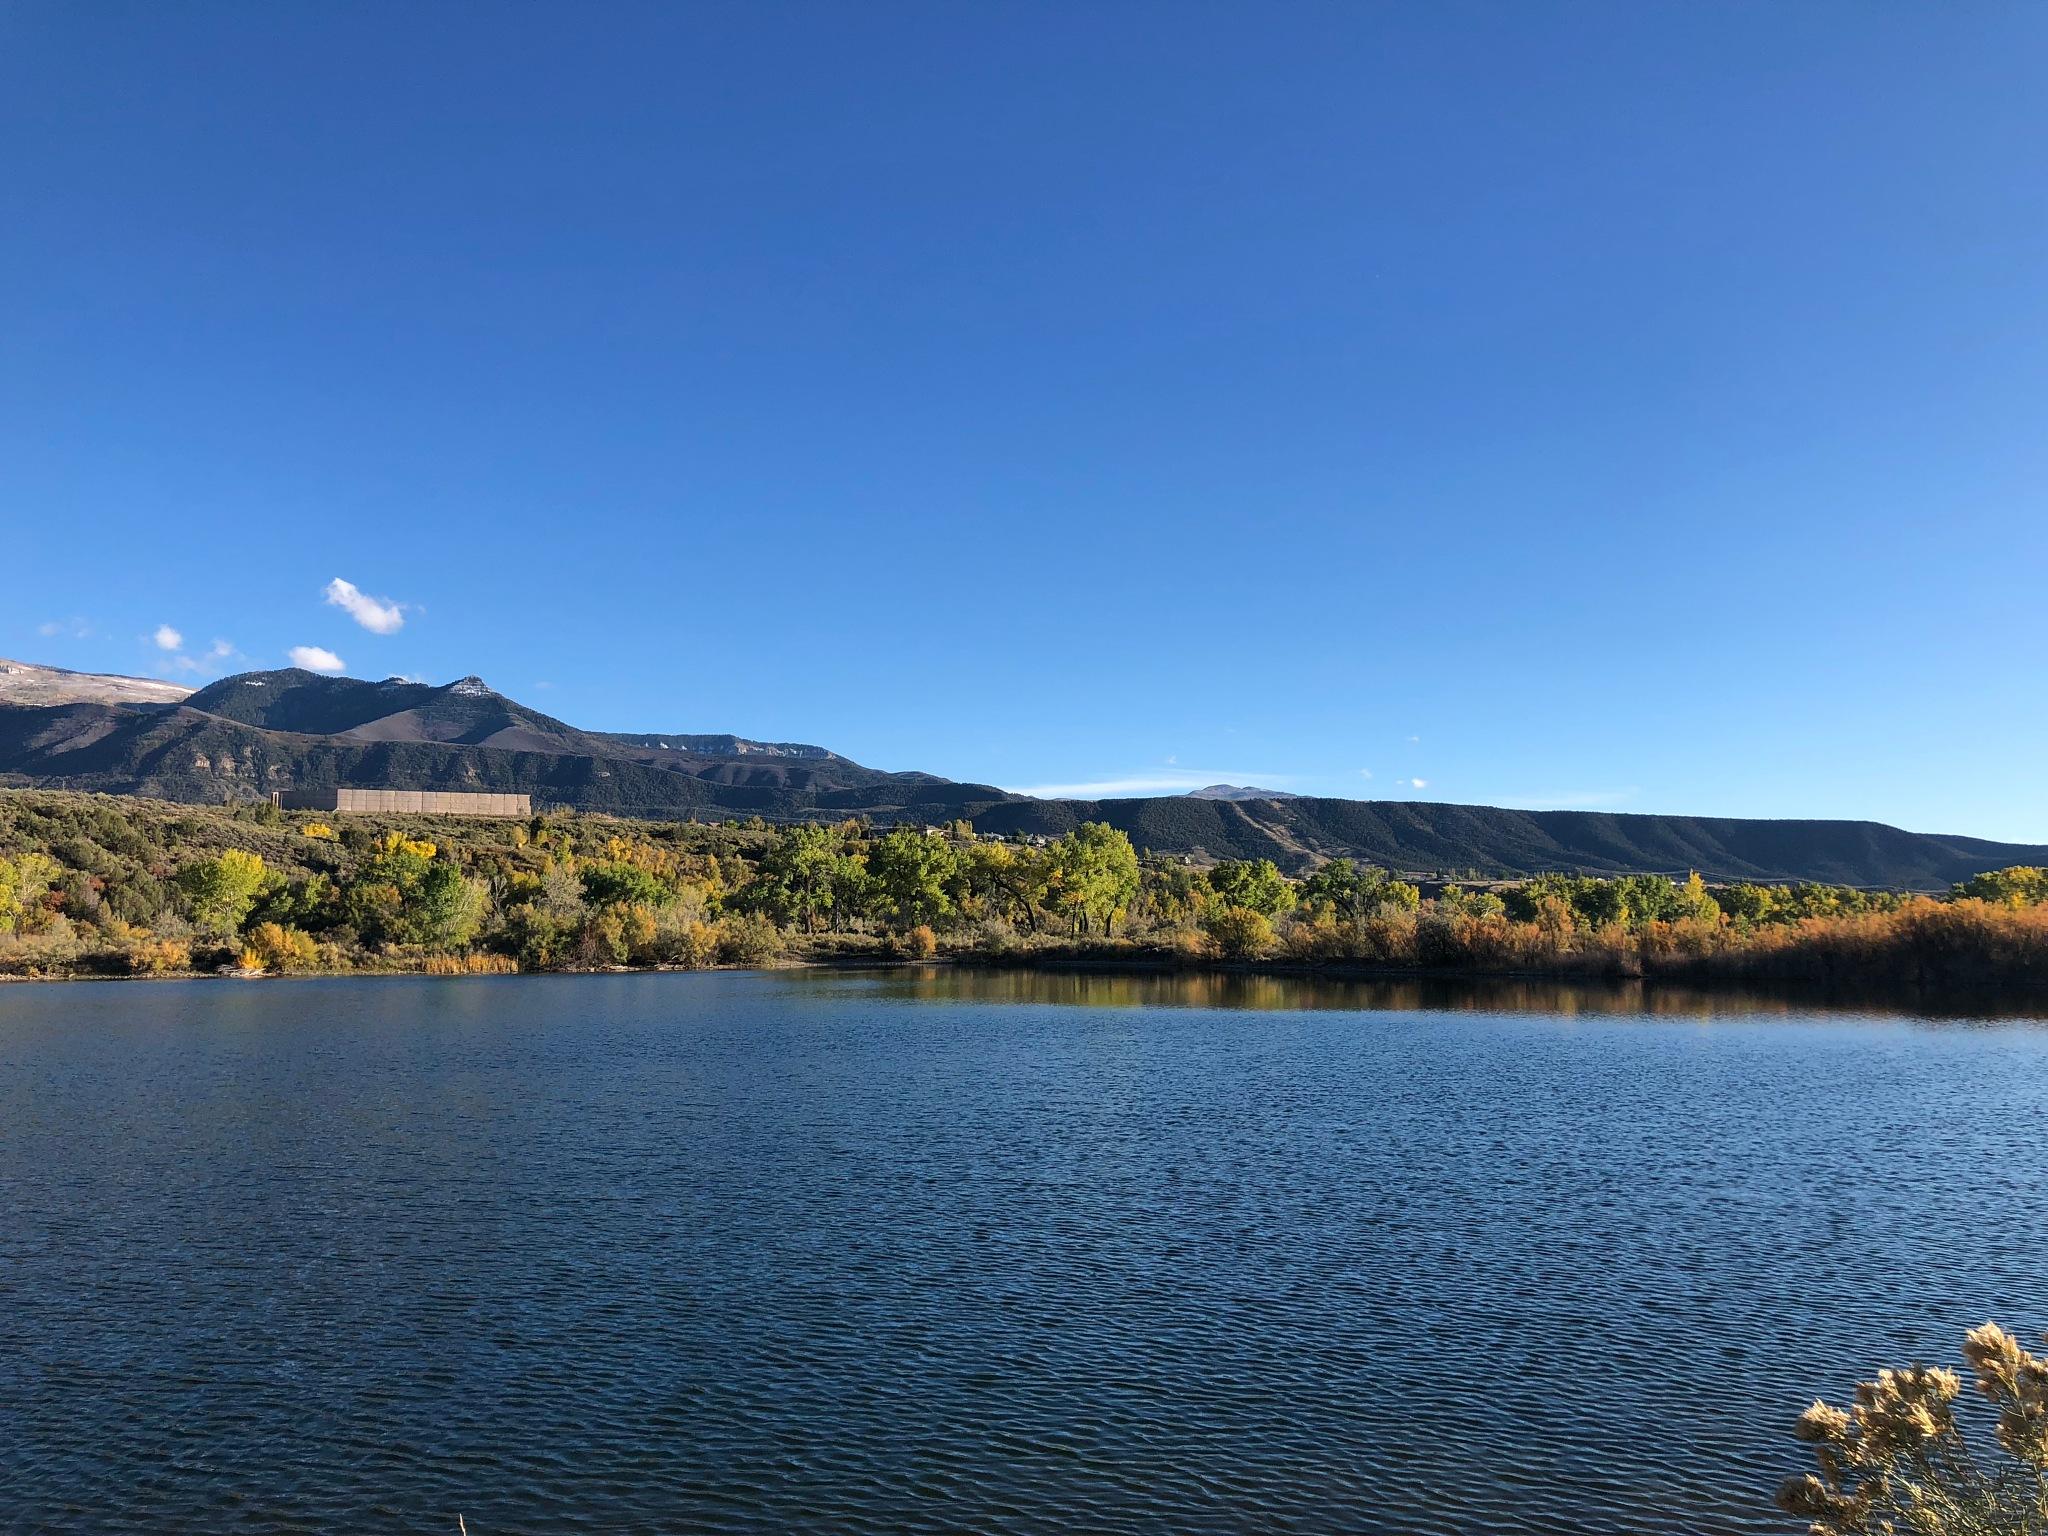 Colorado lake by Javan Chandler